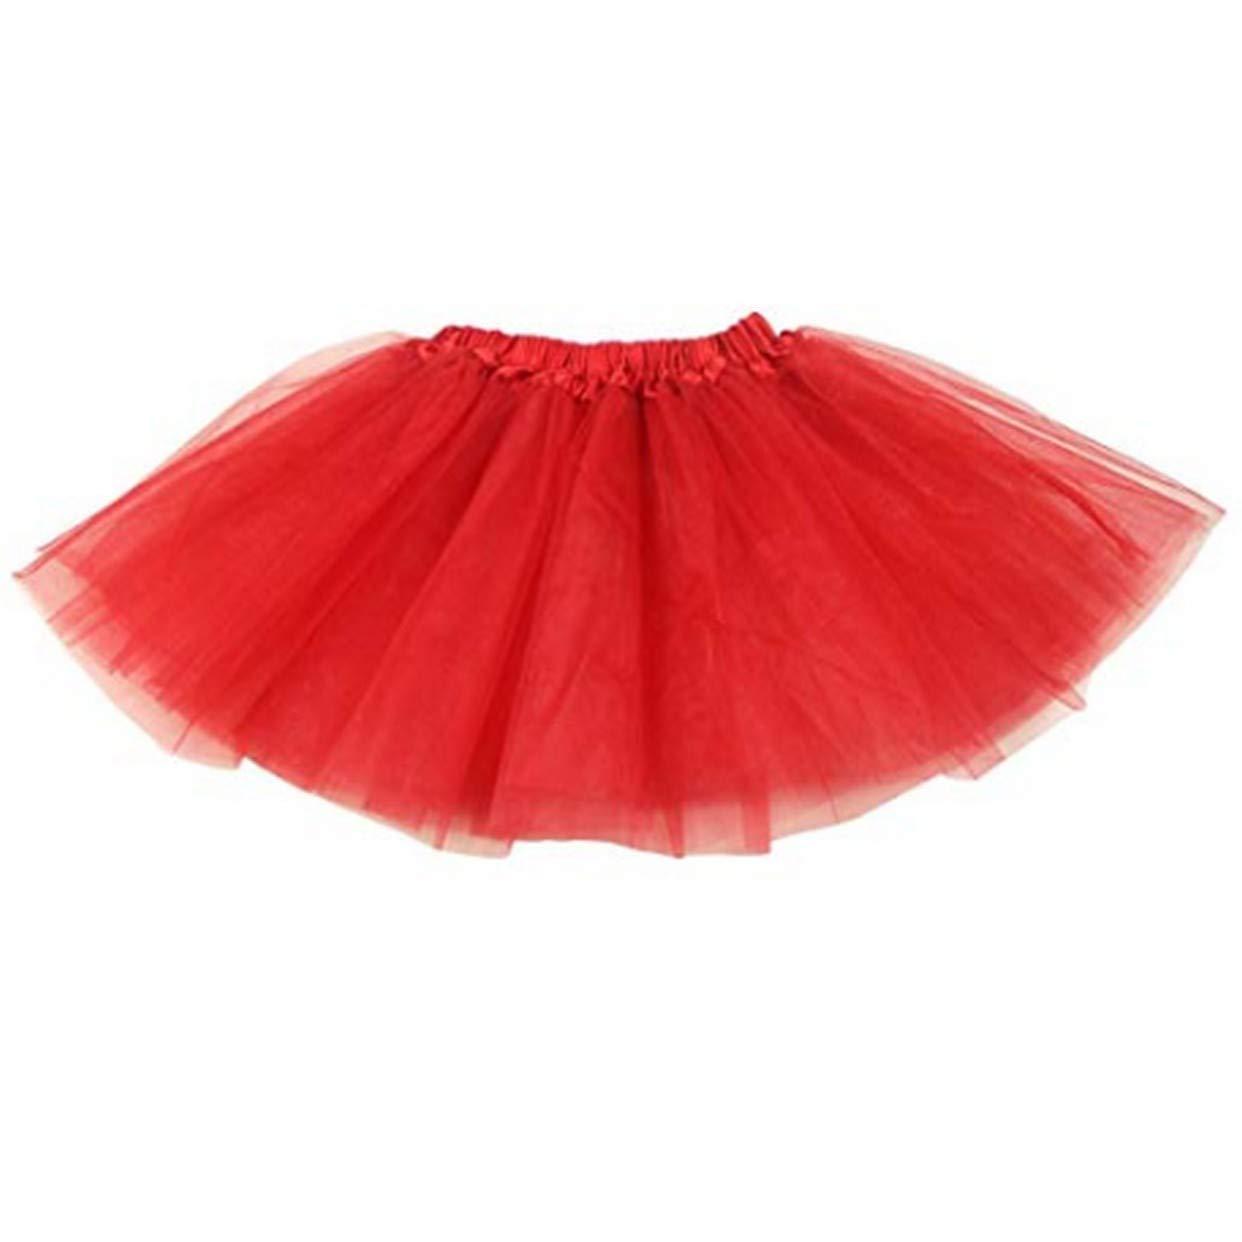 EVRYLON Gonna Tulle Bambina Gonnellina Tinta Unita 3 Strati Adatta Danza Ballerina Accessori tut/ù Vestiti Carnevale e Travestimento tg Unica 3-12 Anni